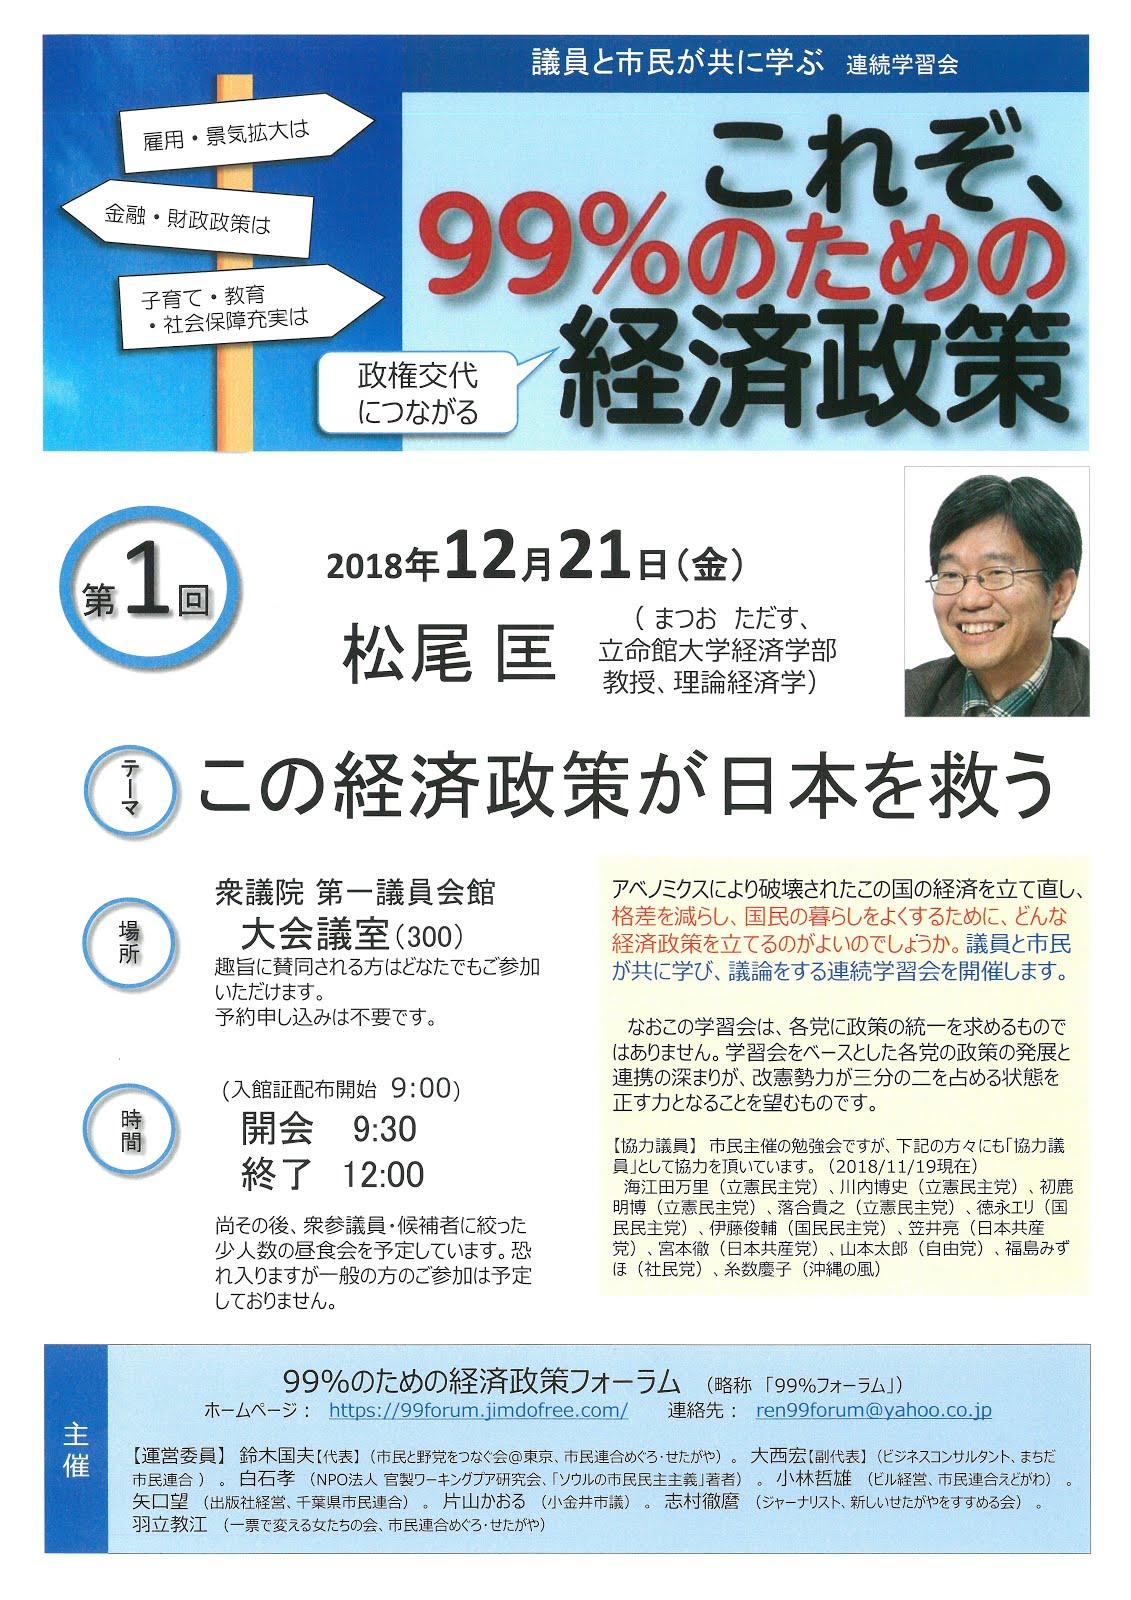 99%のための経済政策 12月21日(金)9:30衆議院第1議員会館大会議室